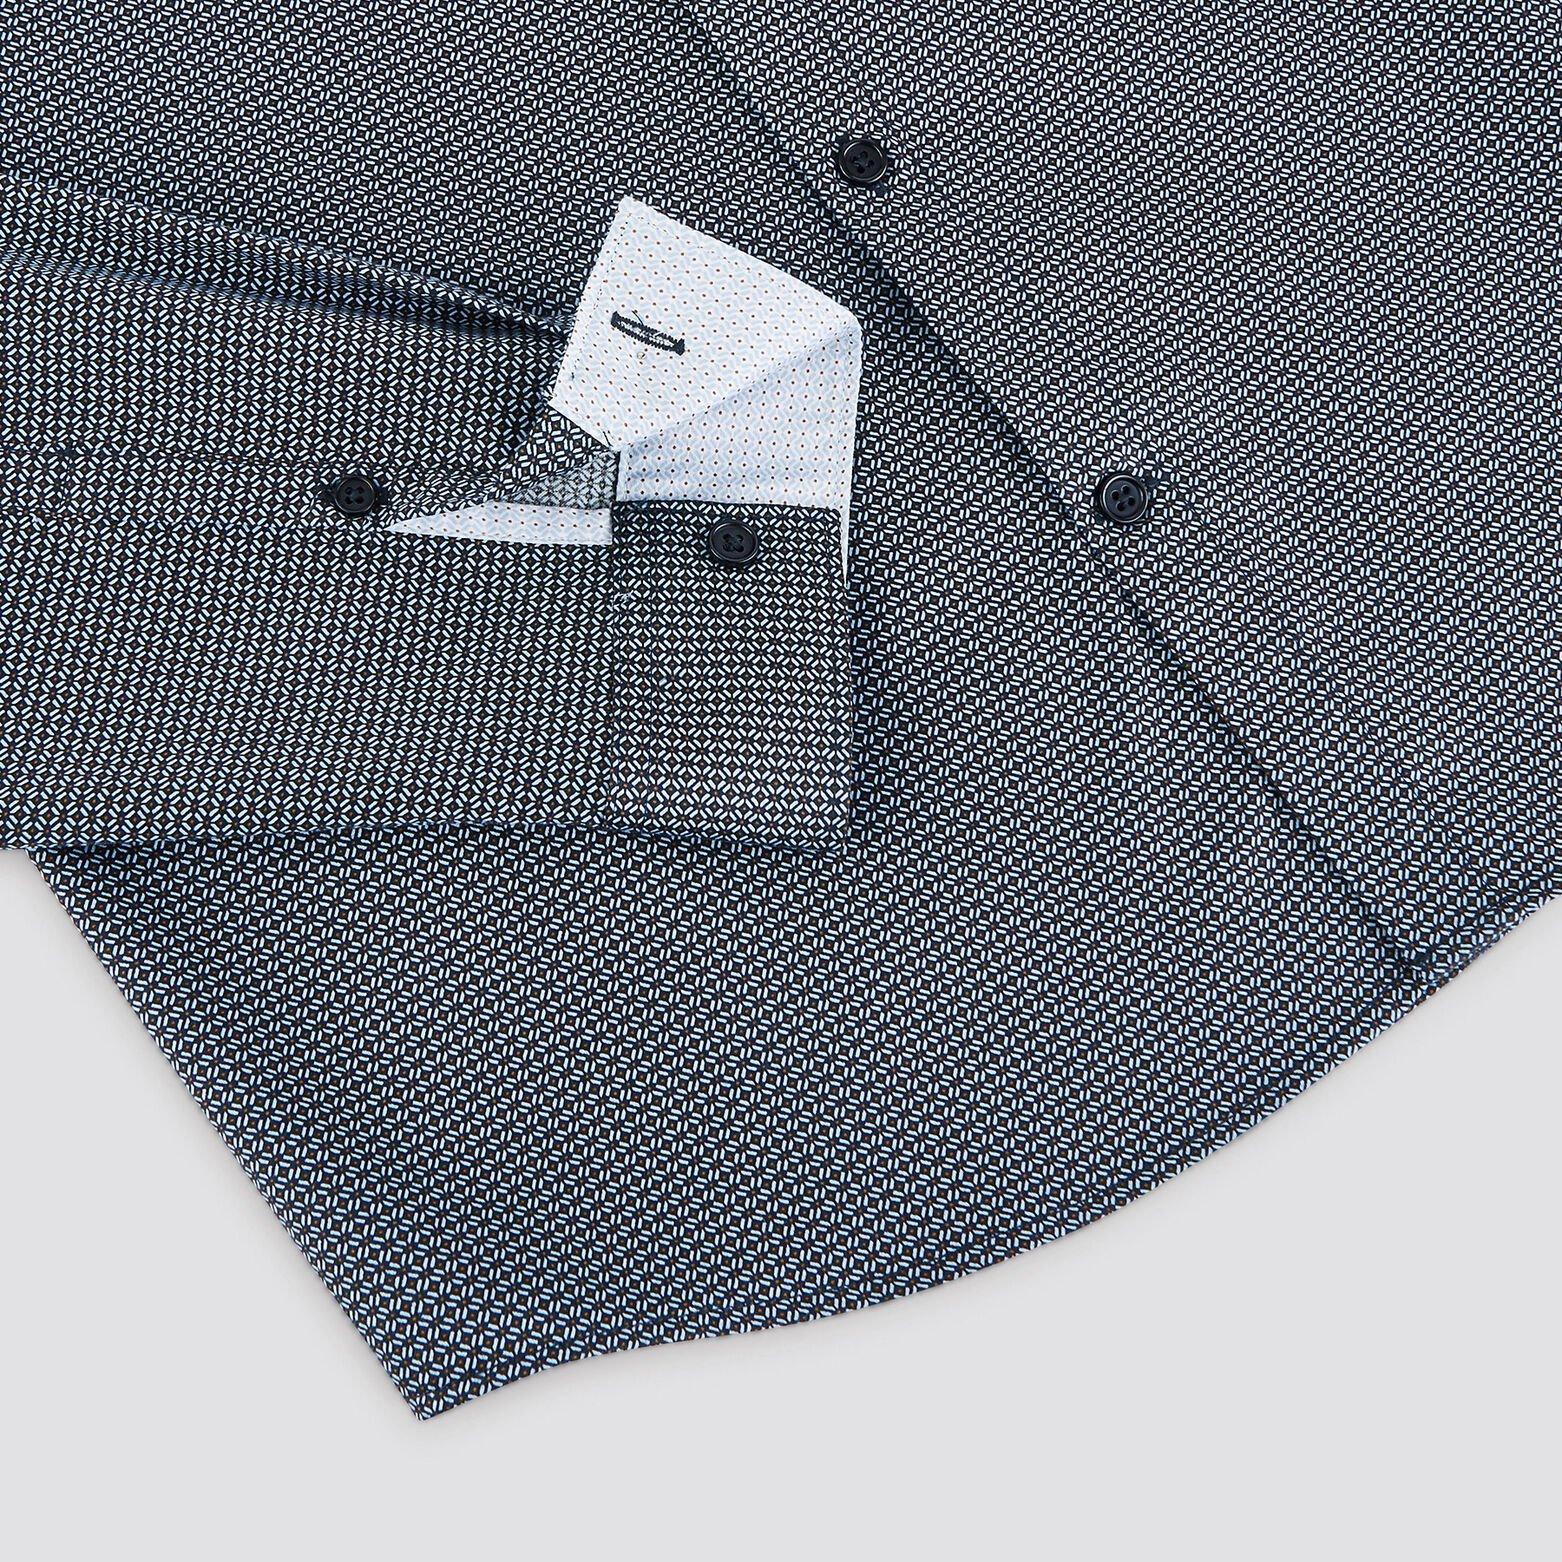 Chemise slim imprimé micro-motif géométrique satin